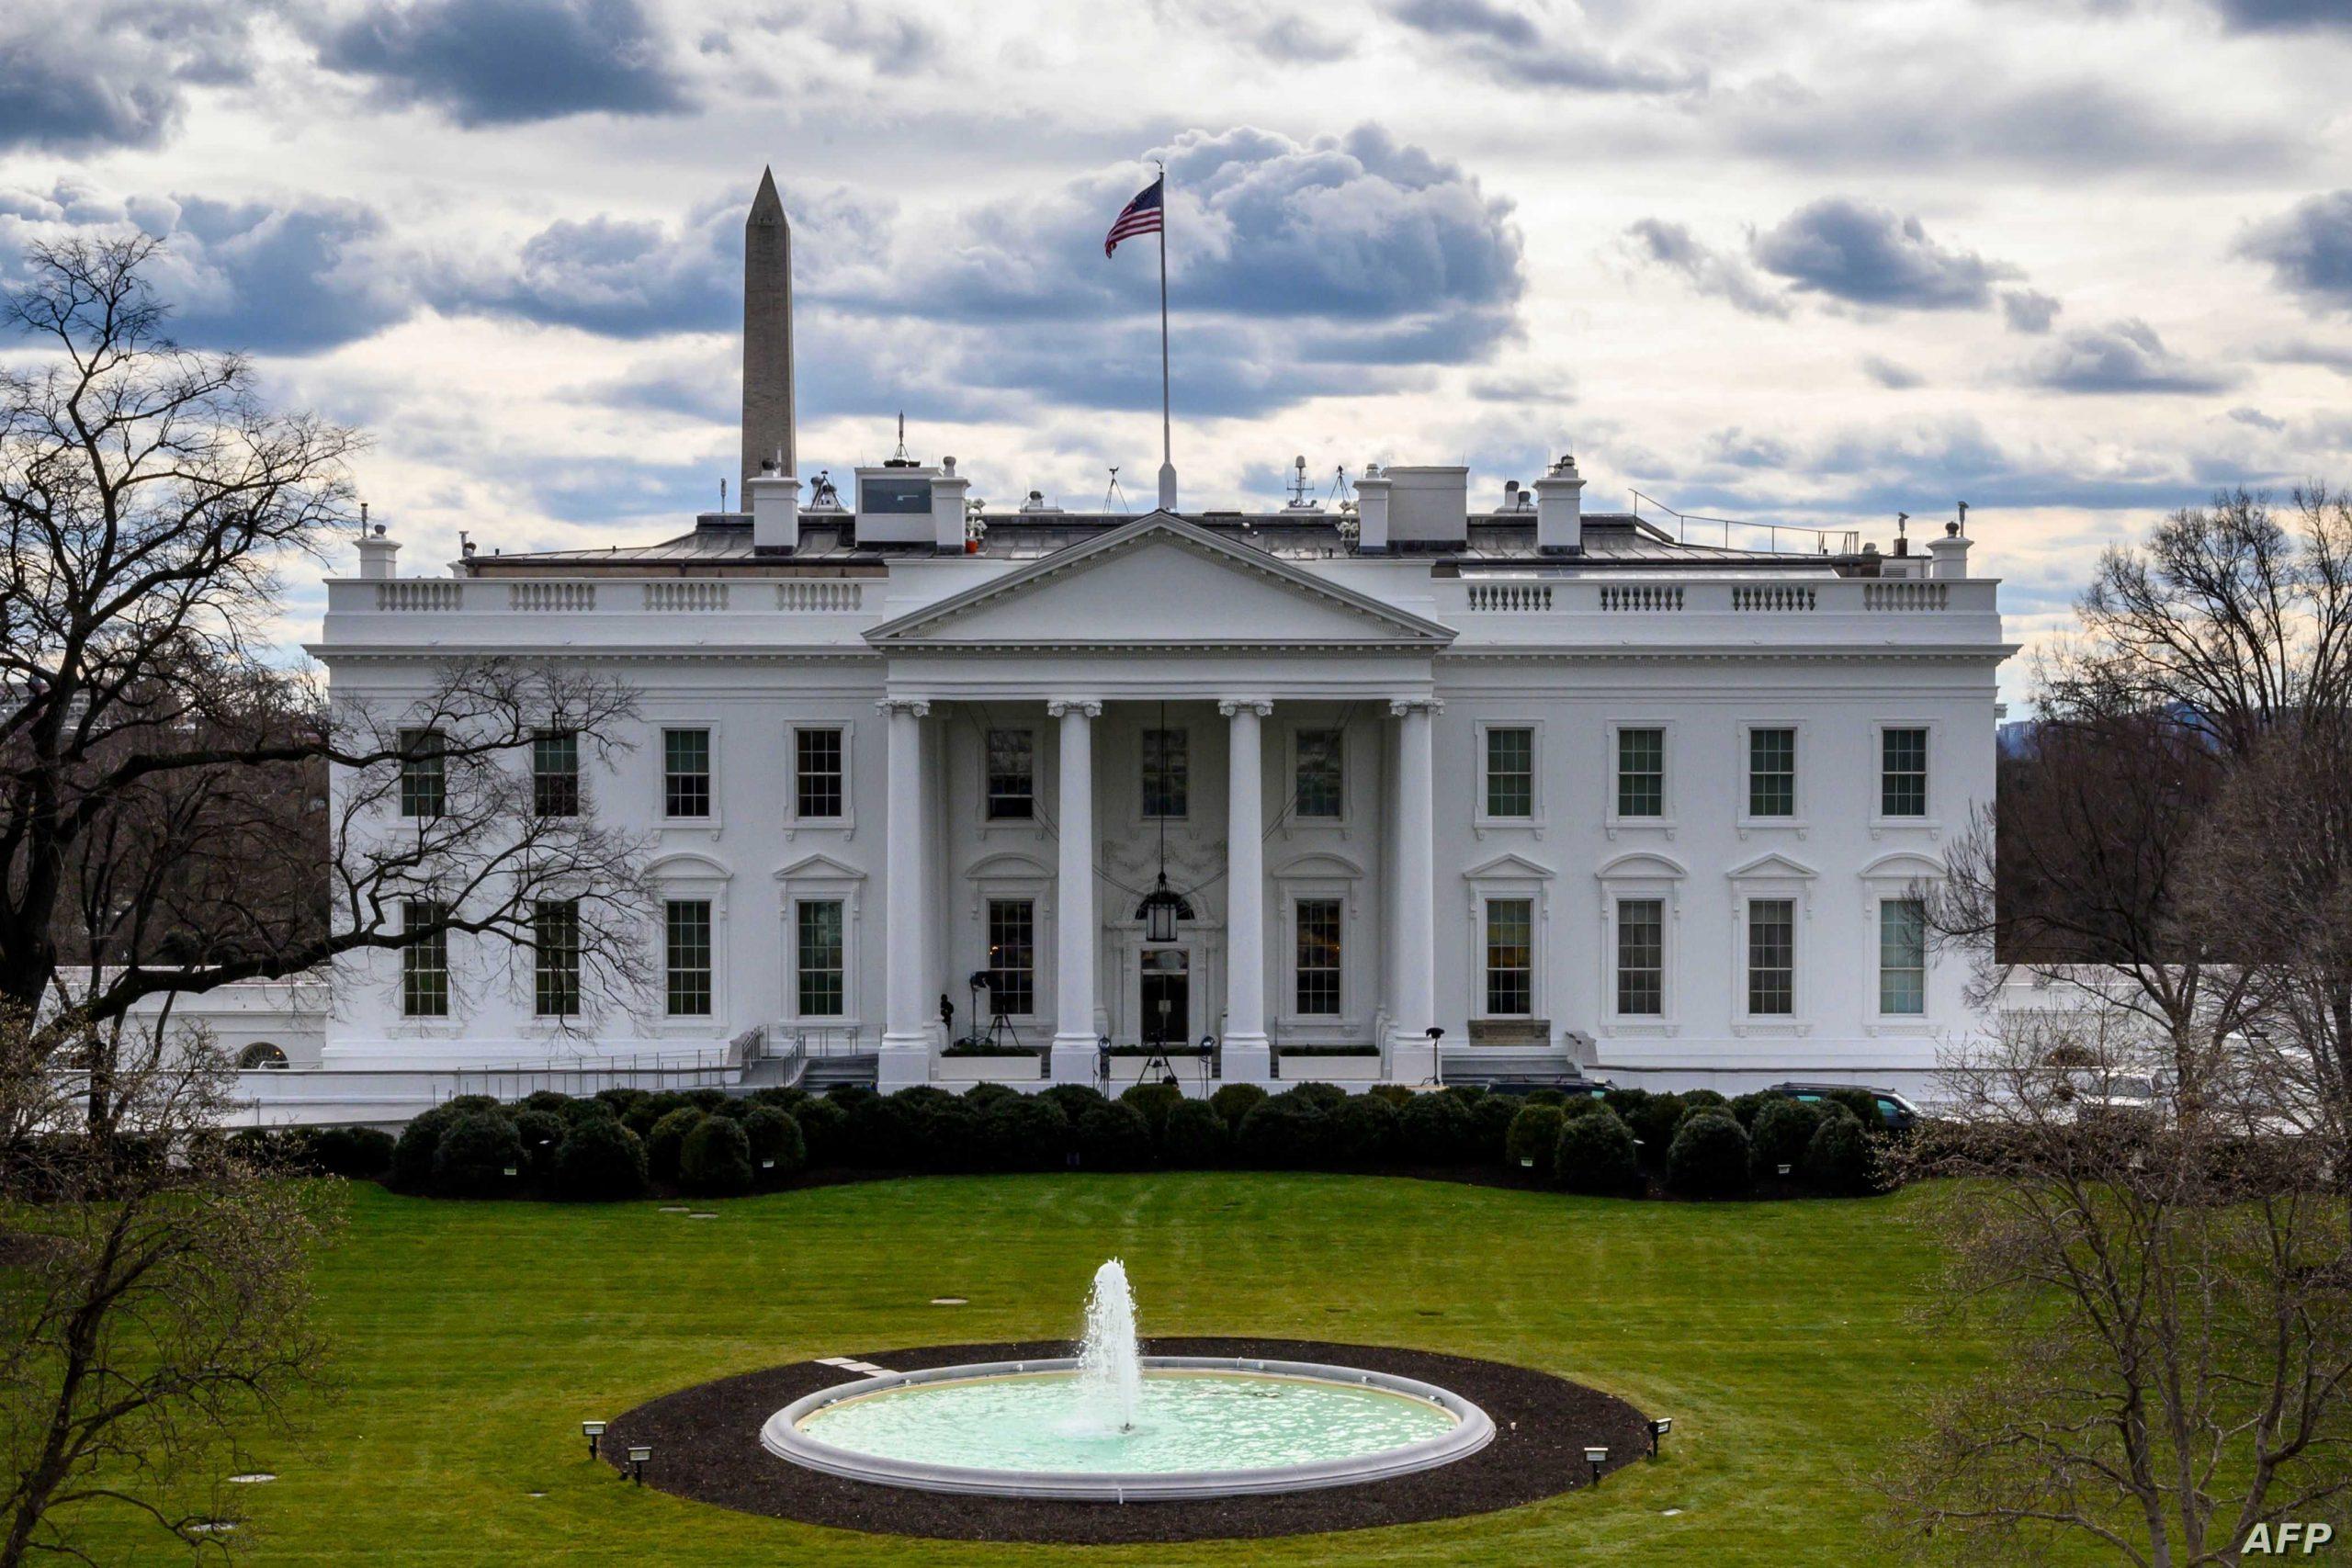 """أول تعليق لمارك زوكربيرج بعد عودة """"فيسبوك"""".. والبيت الأبيض الأمريكي يوصي بأشياء تتعلق بمواقع التواصل"""